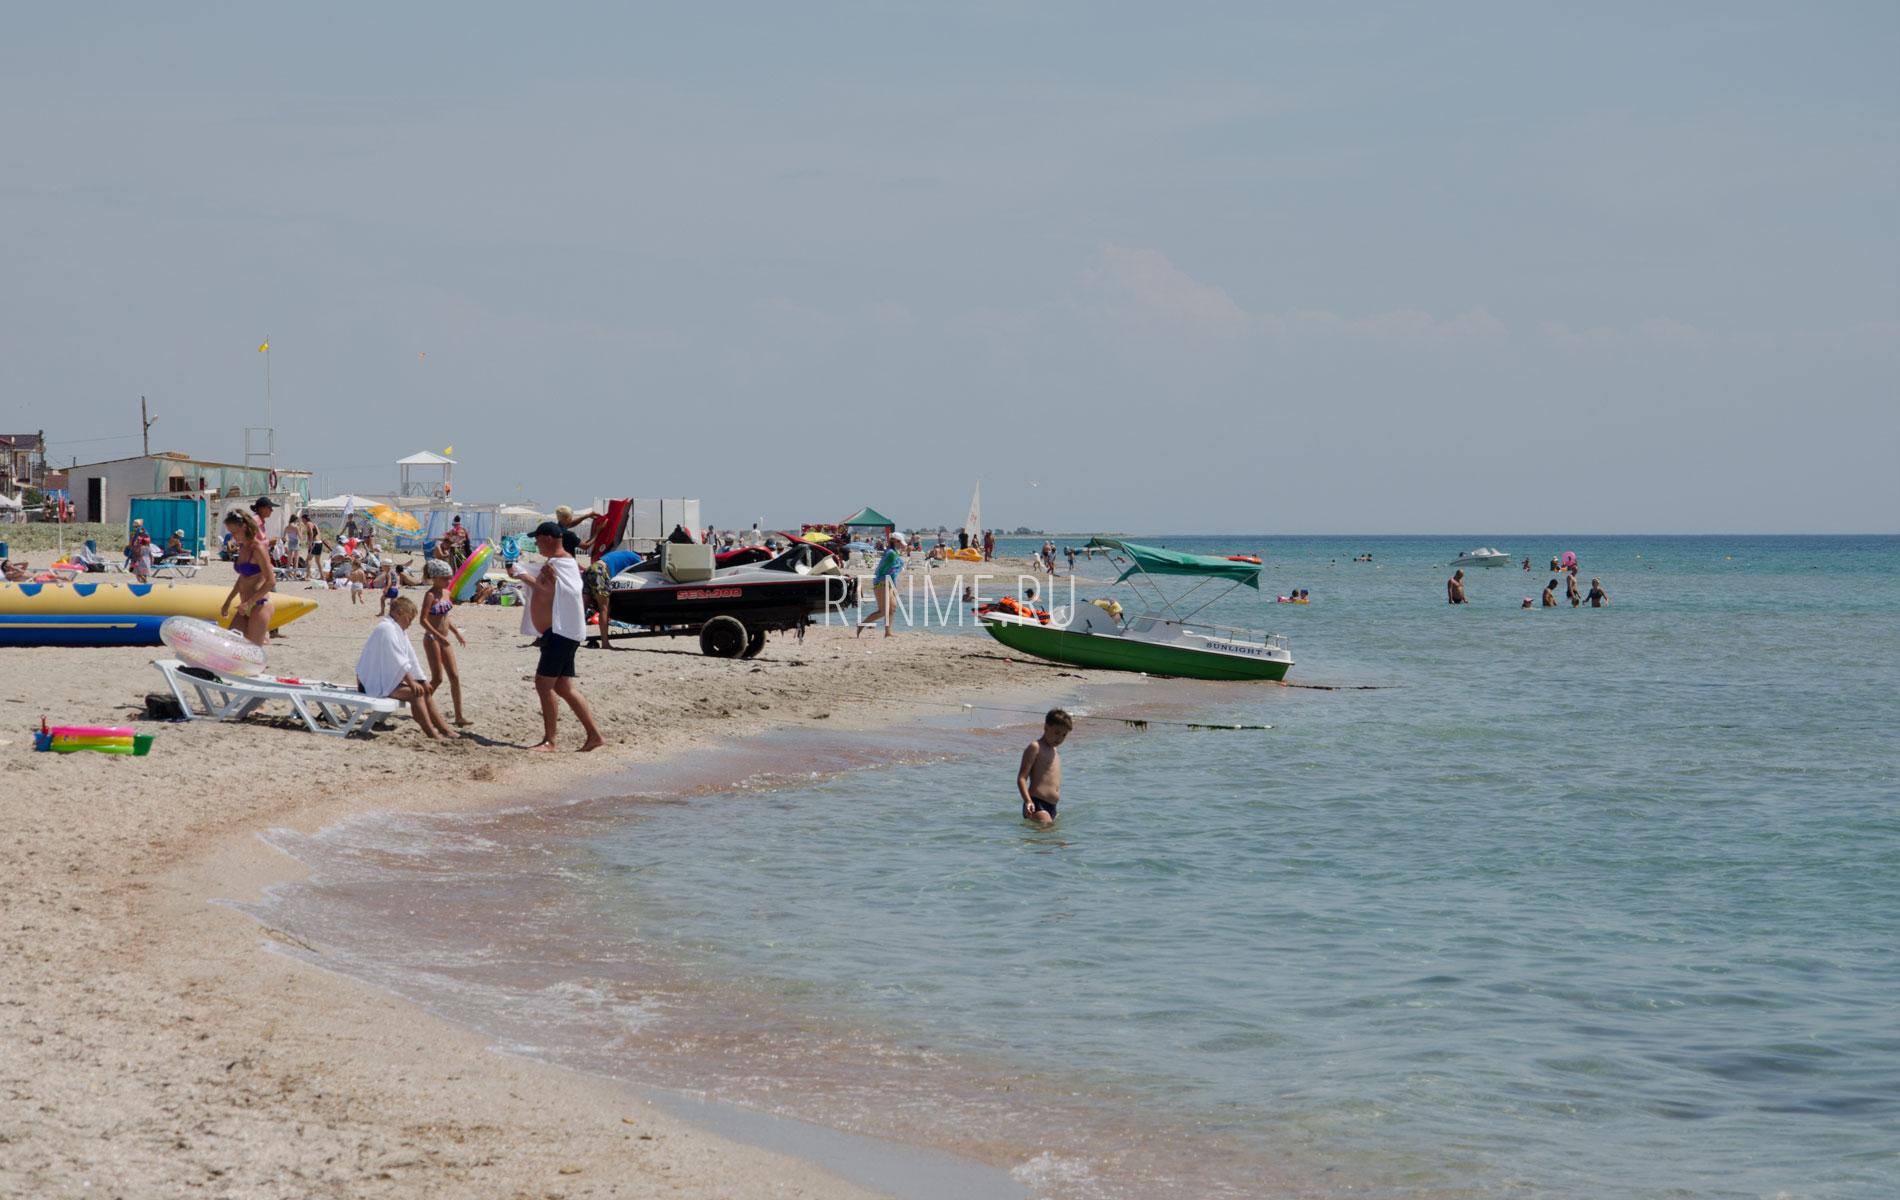 """Пляж """"Вега"""" в Штормовом, июль 2019. Фото Штормового"""